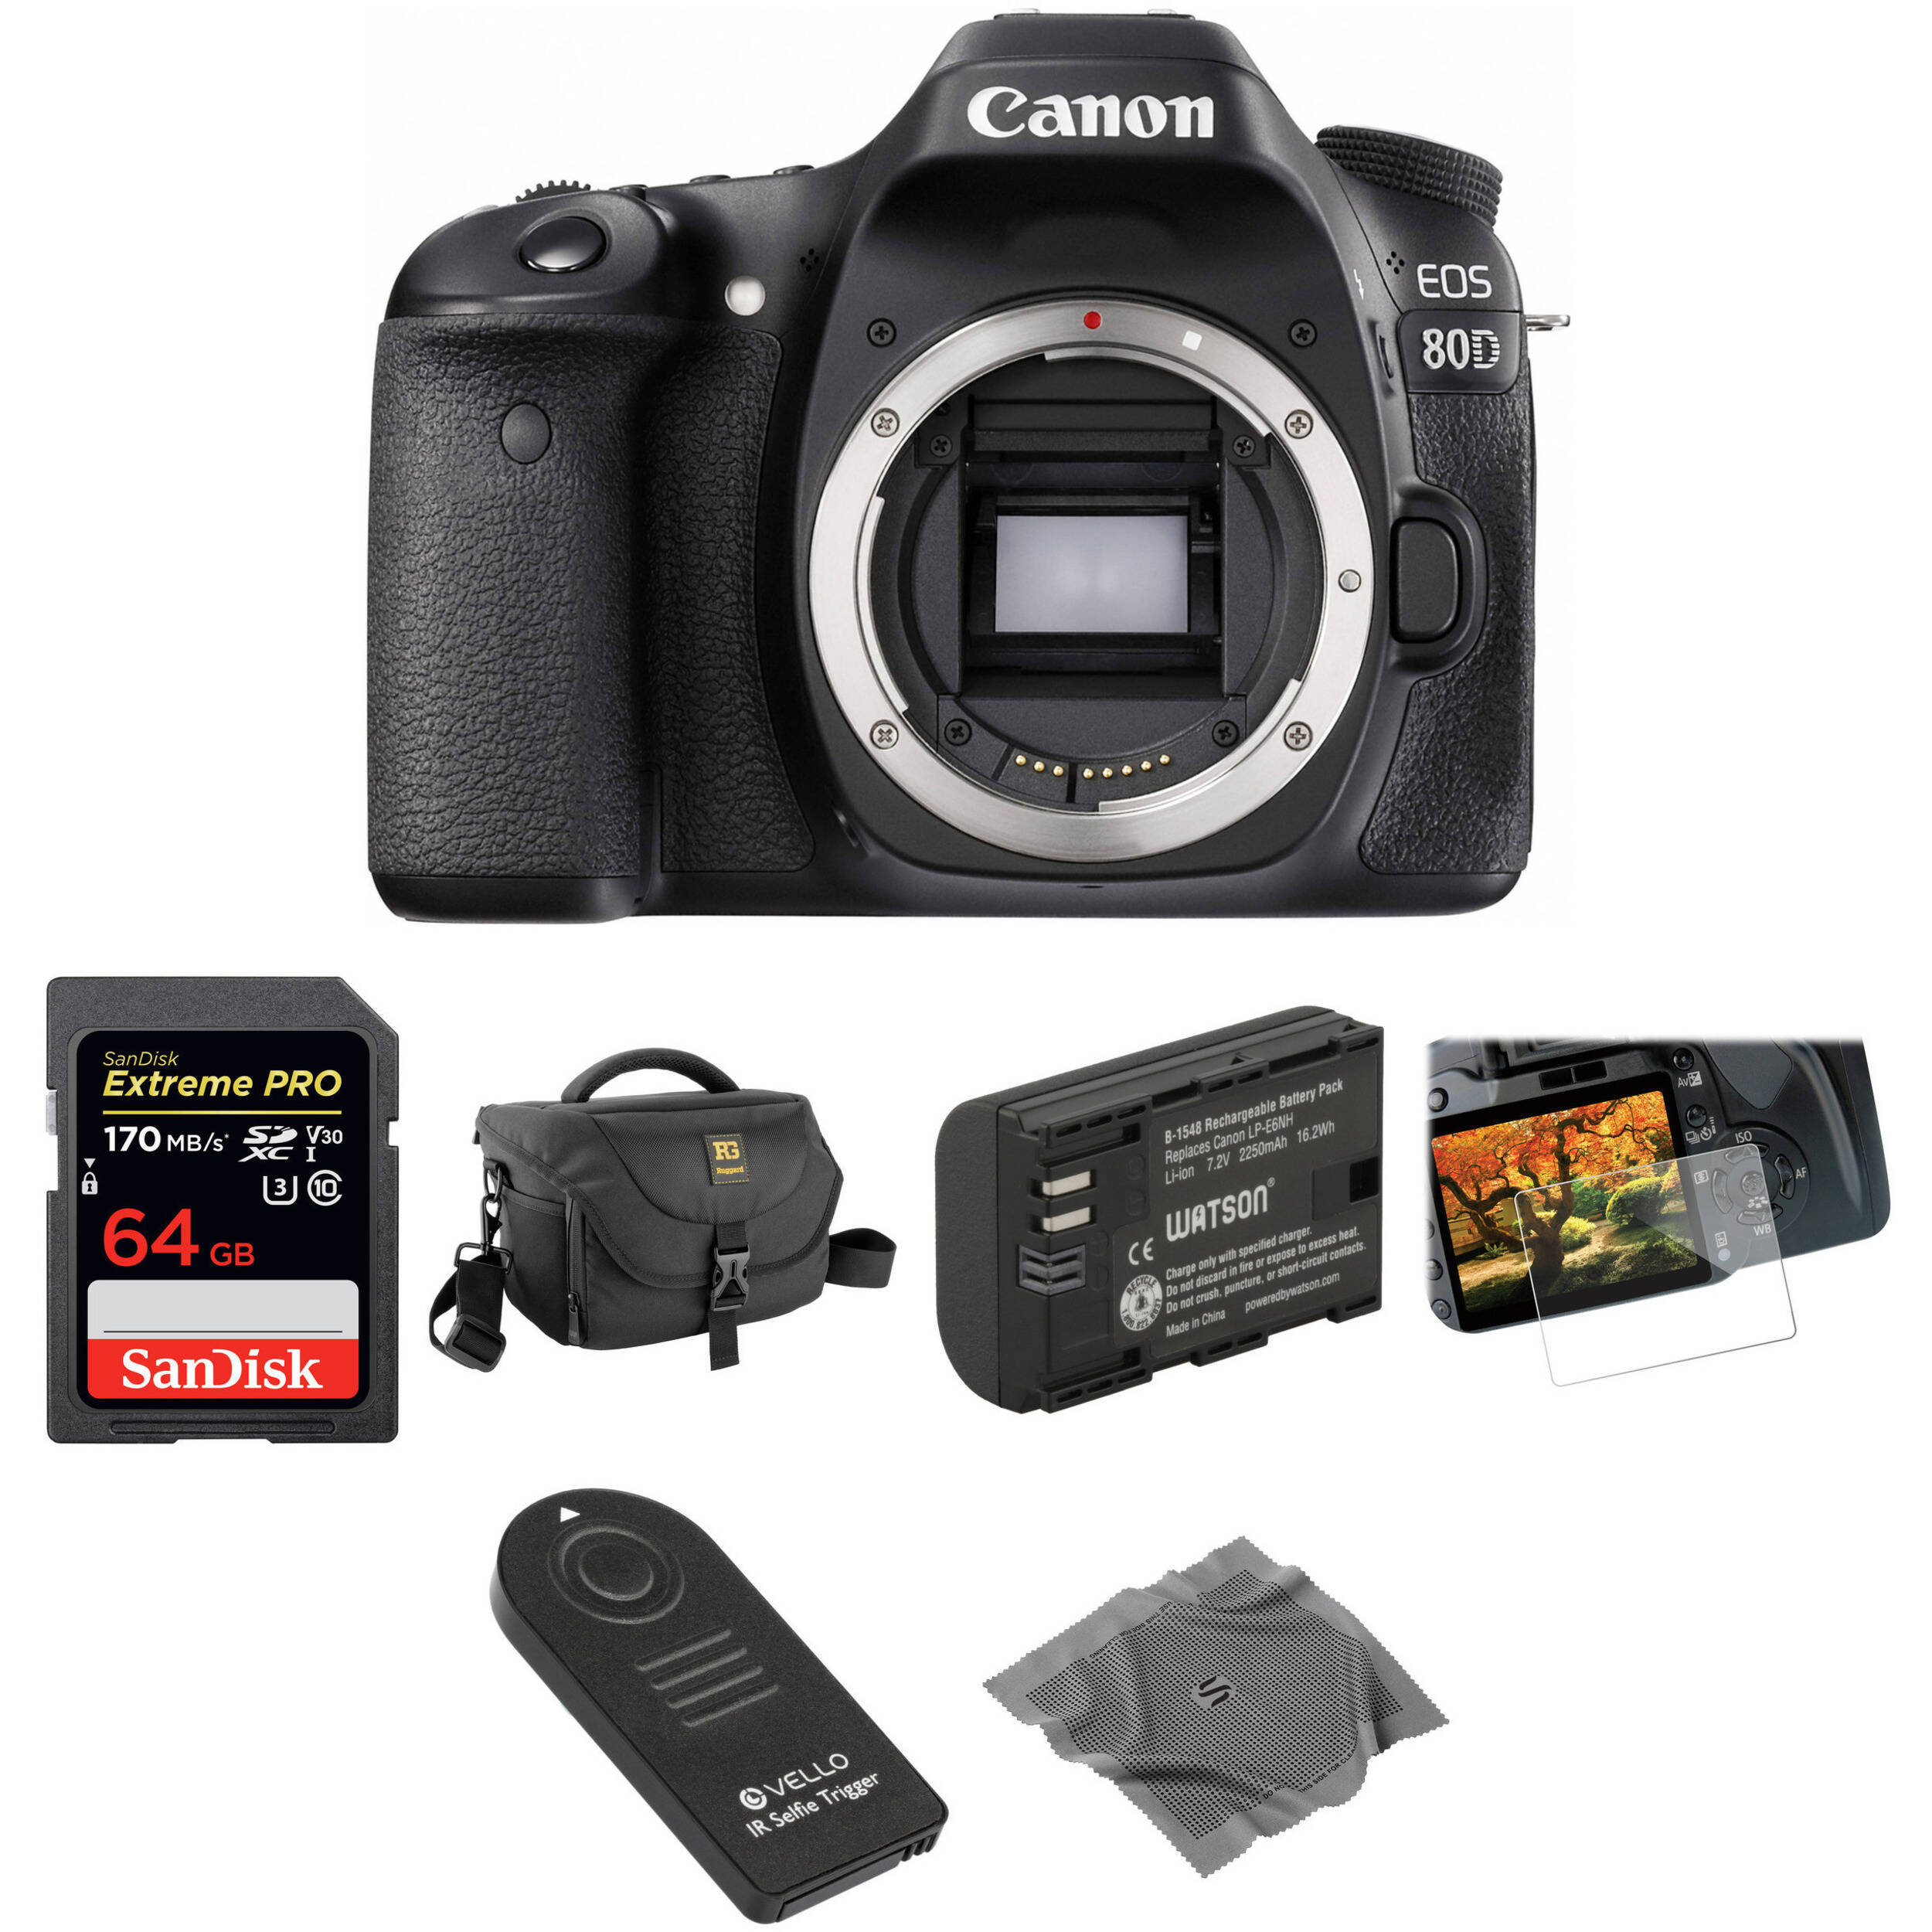 Canon EOS 80D DSLR Camera Basic Kit